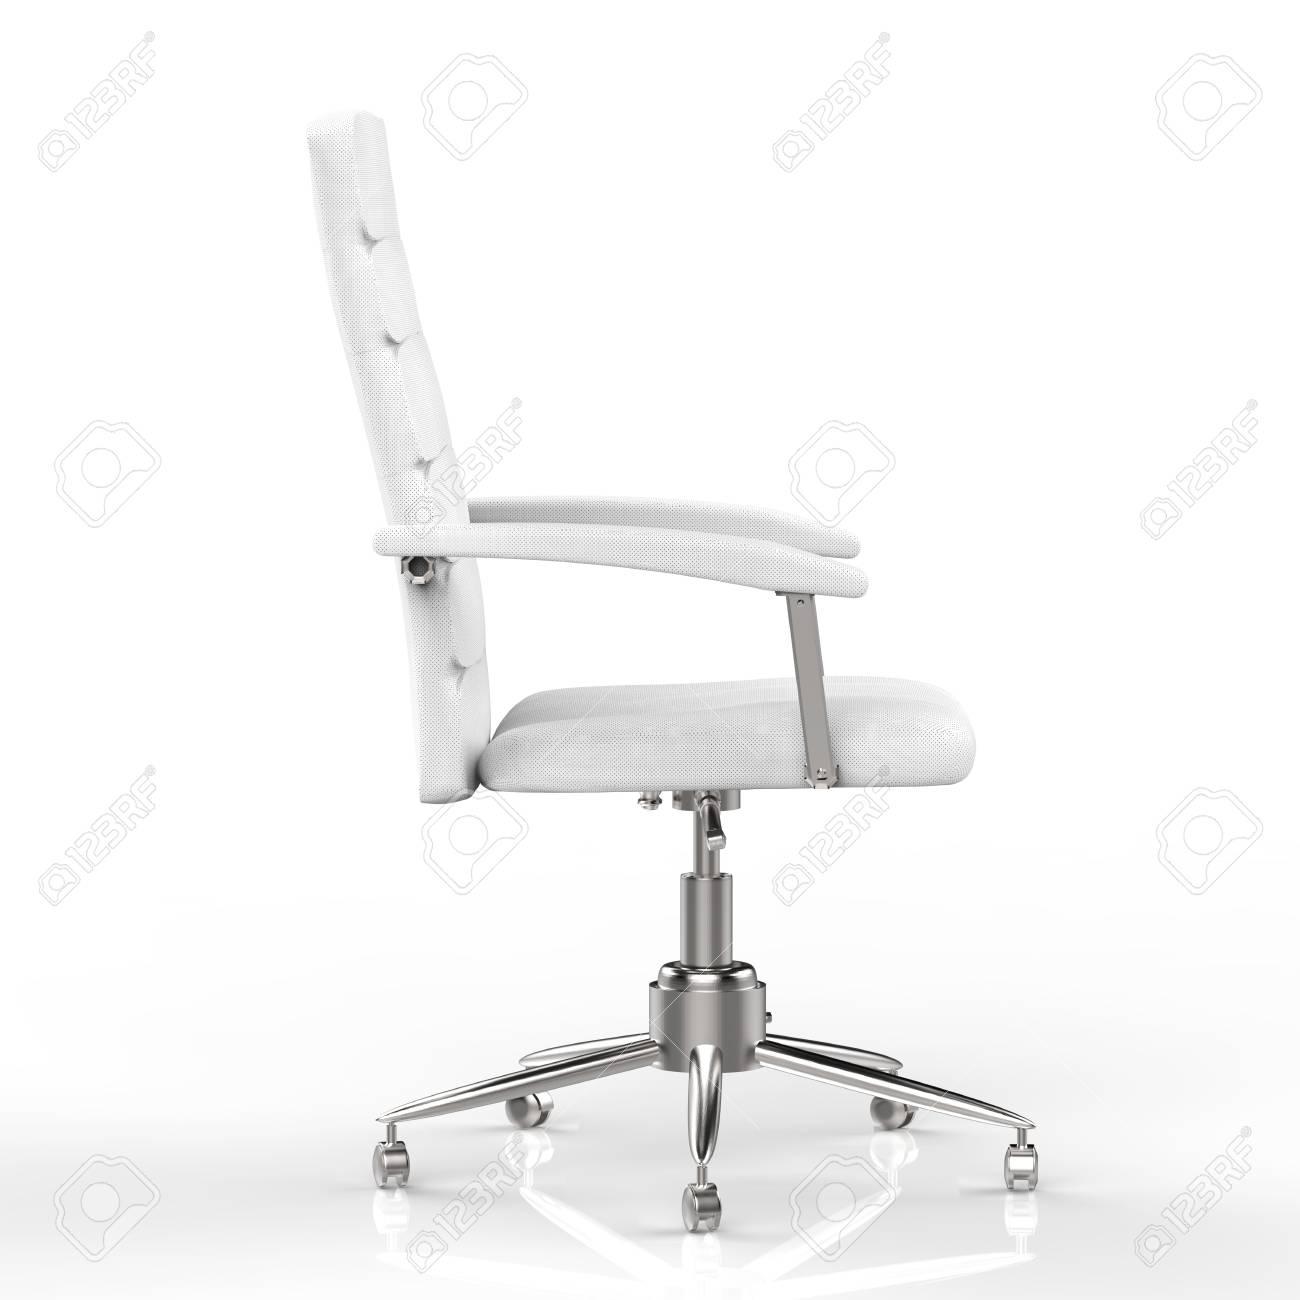 Silla de oficina blanca de representación 3D sobre fondo blanco